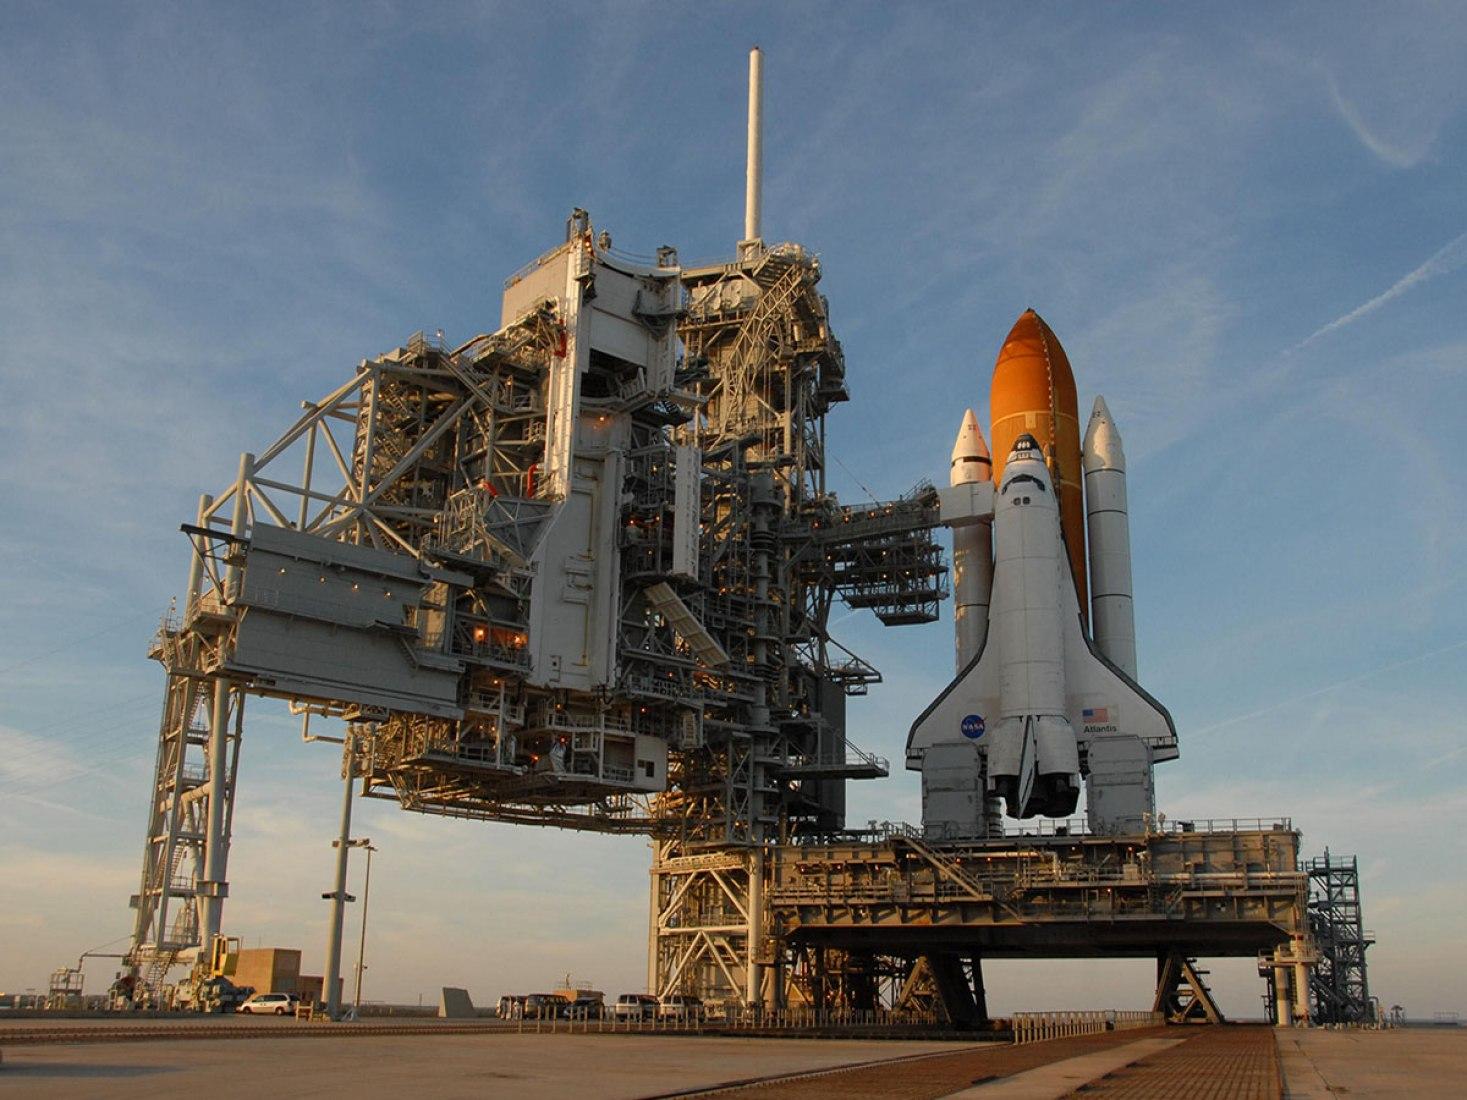 Transbordador espacial Atlantis en el PAD 39A en el centro espacial de Kennedy de la NASA, Florida, en 2007. Imagen cortesía de la NASA foto por George Shelton